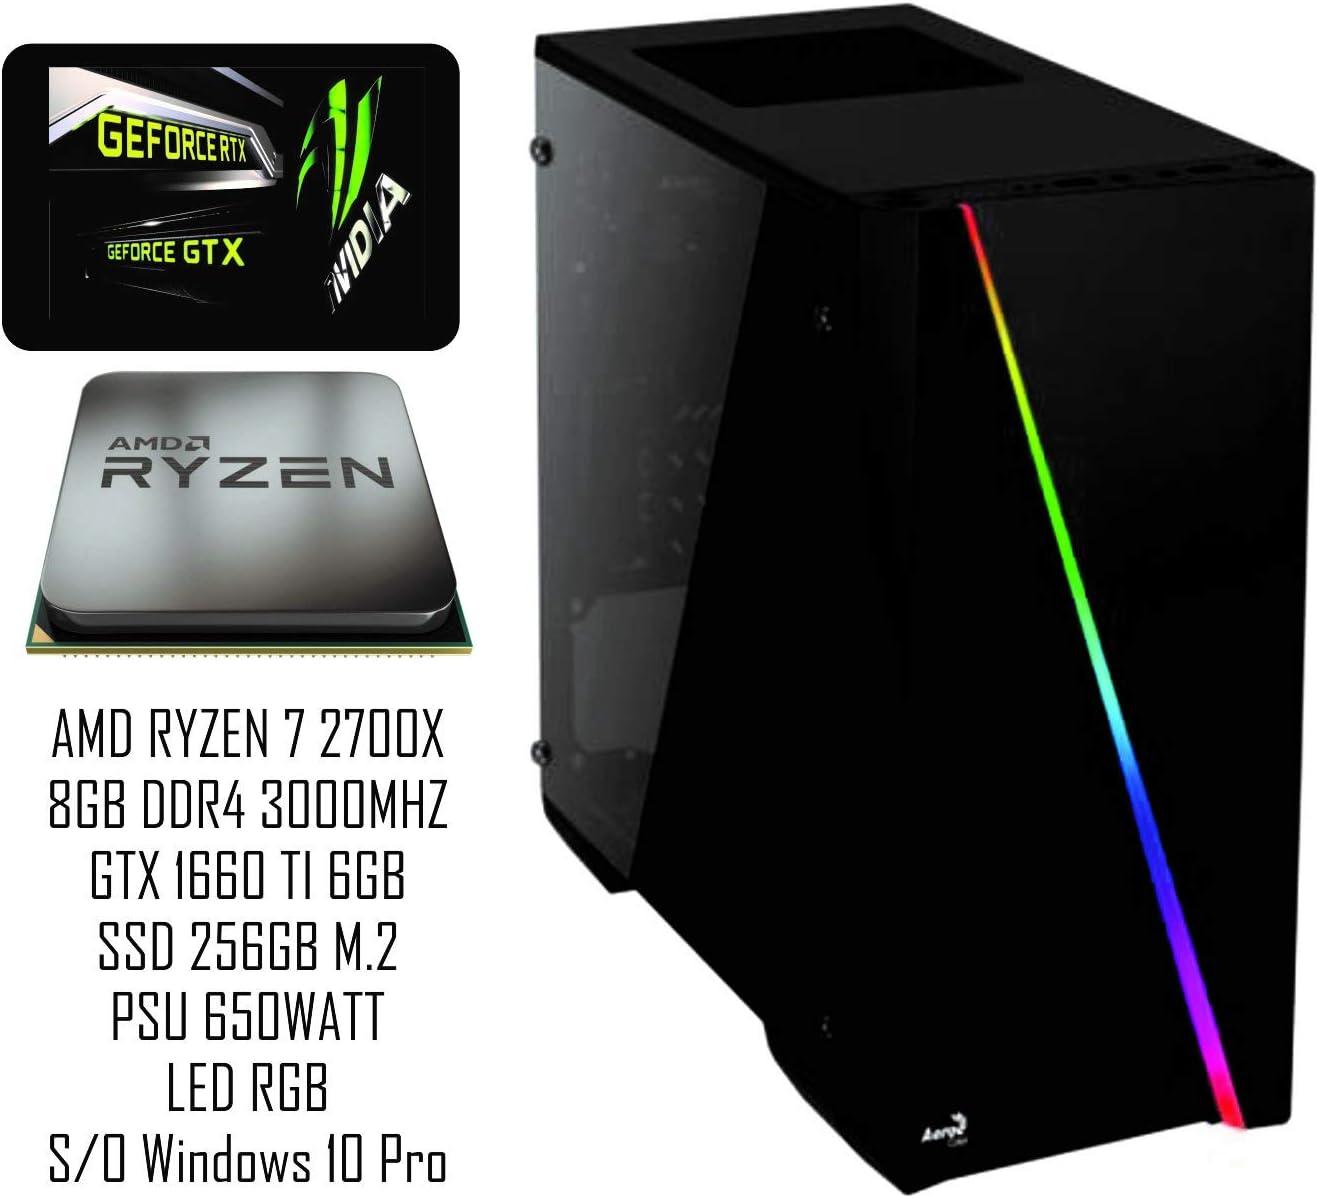 PC Gaming REDI AD4220TI AMD RYZEN 7 2700X A320M GTX 1660 TI 6GB 8GB DDR4 3000MHZ SSD 256GB M.2 650WATT Bronze: Amazon.es: Informática